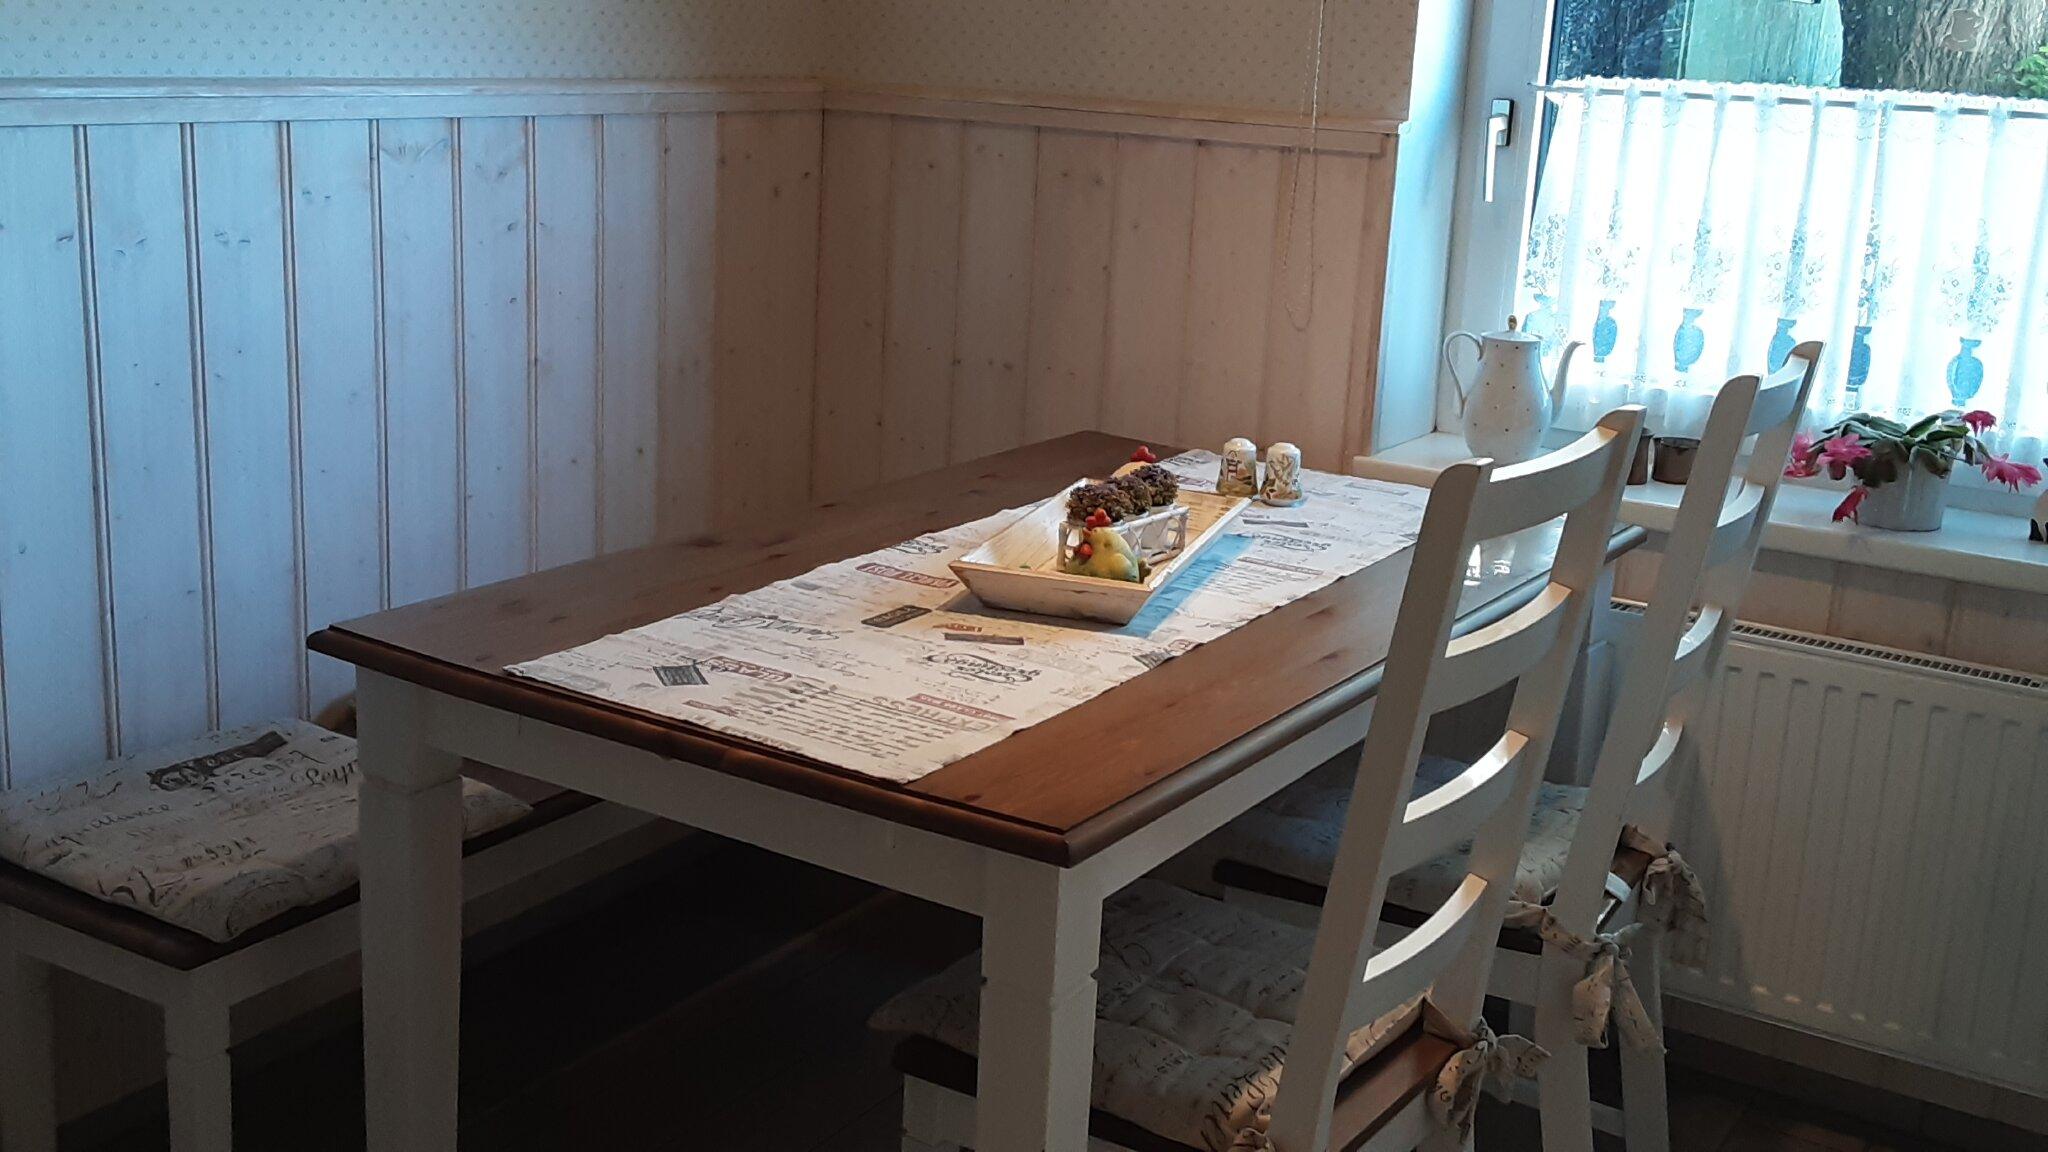 Küche - Essplatz